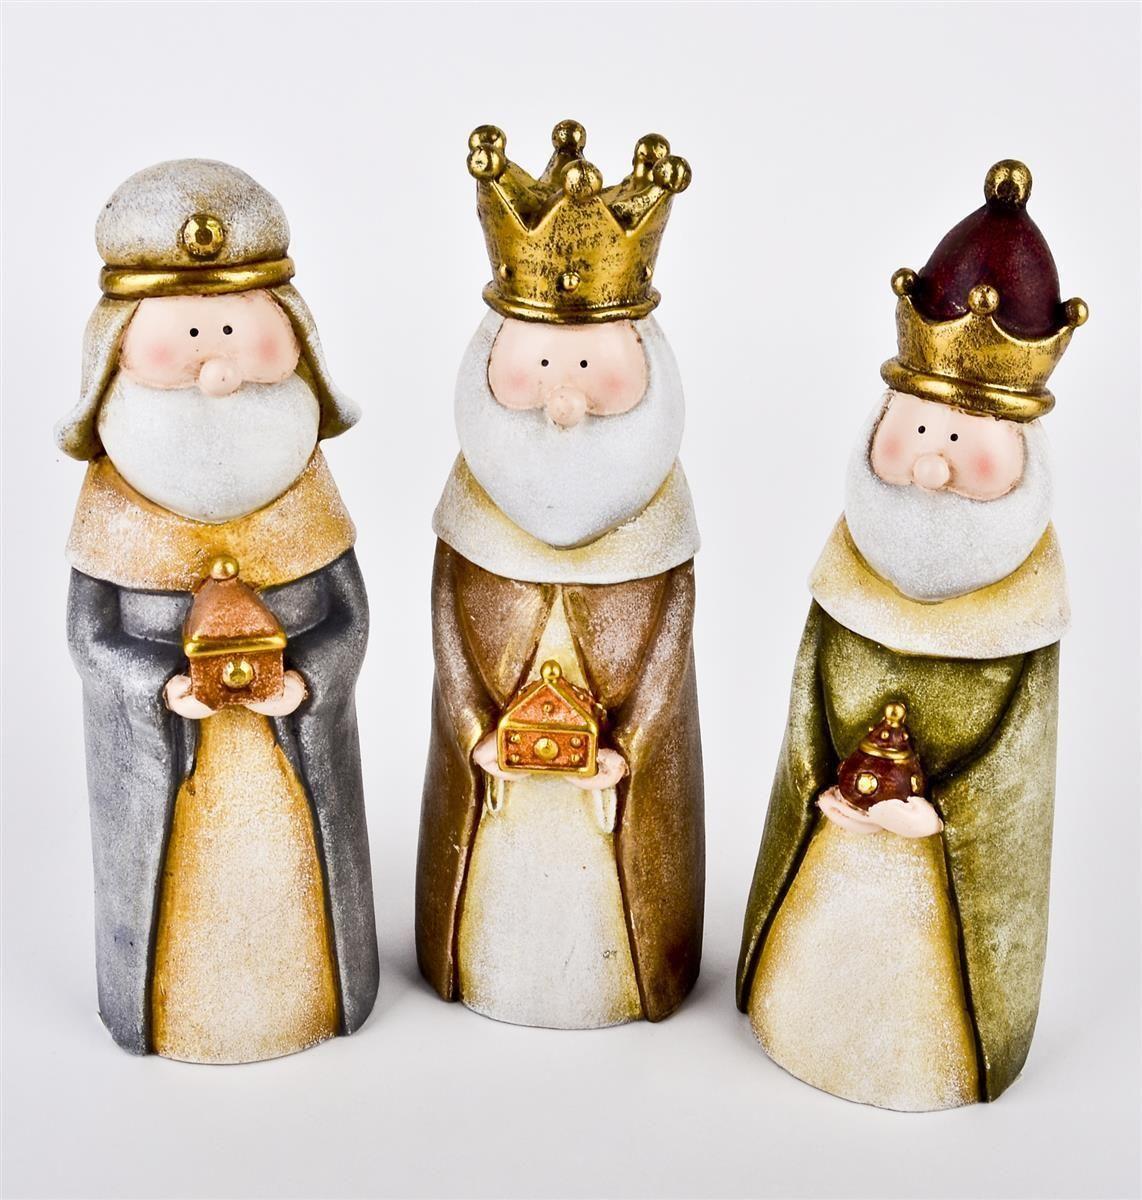 heilige drei könige deko figuren 3er set kunstharz